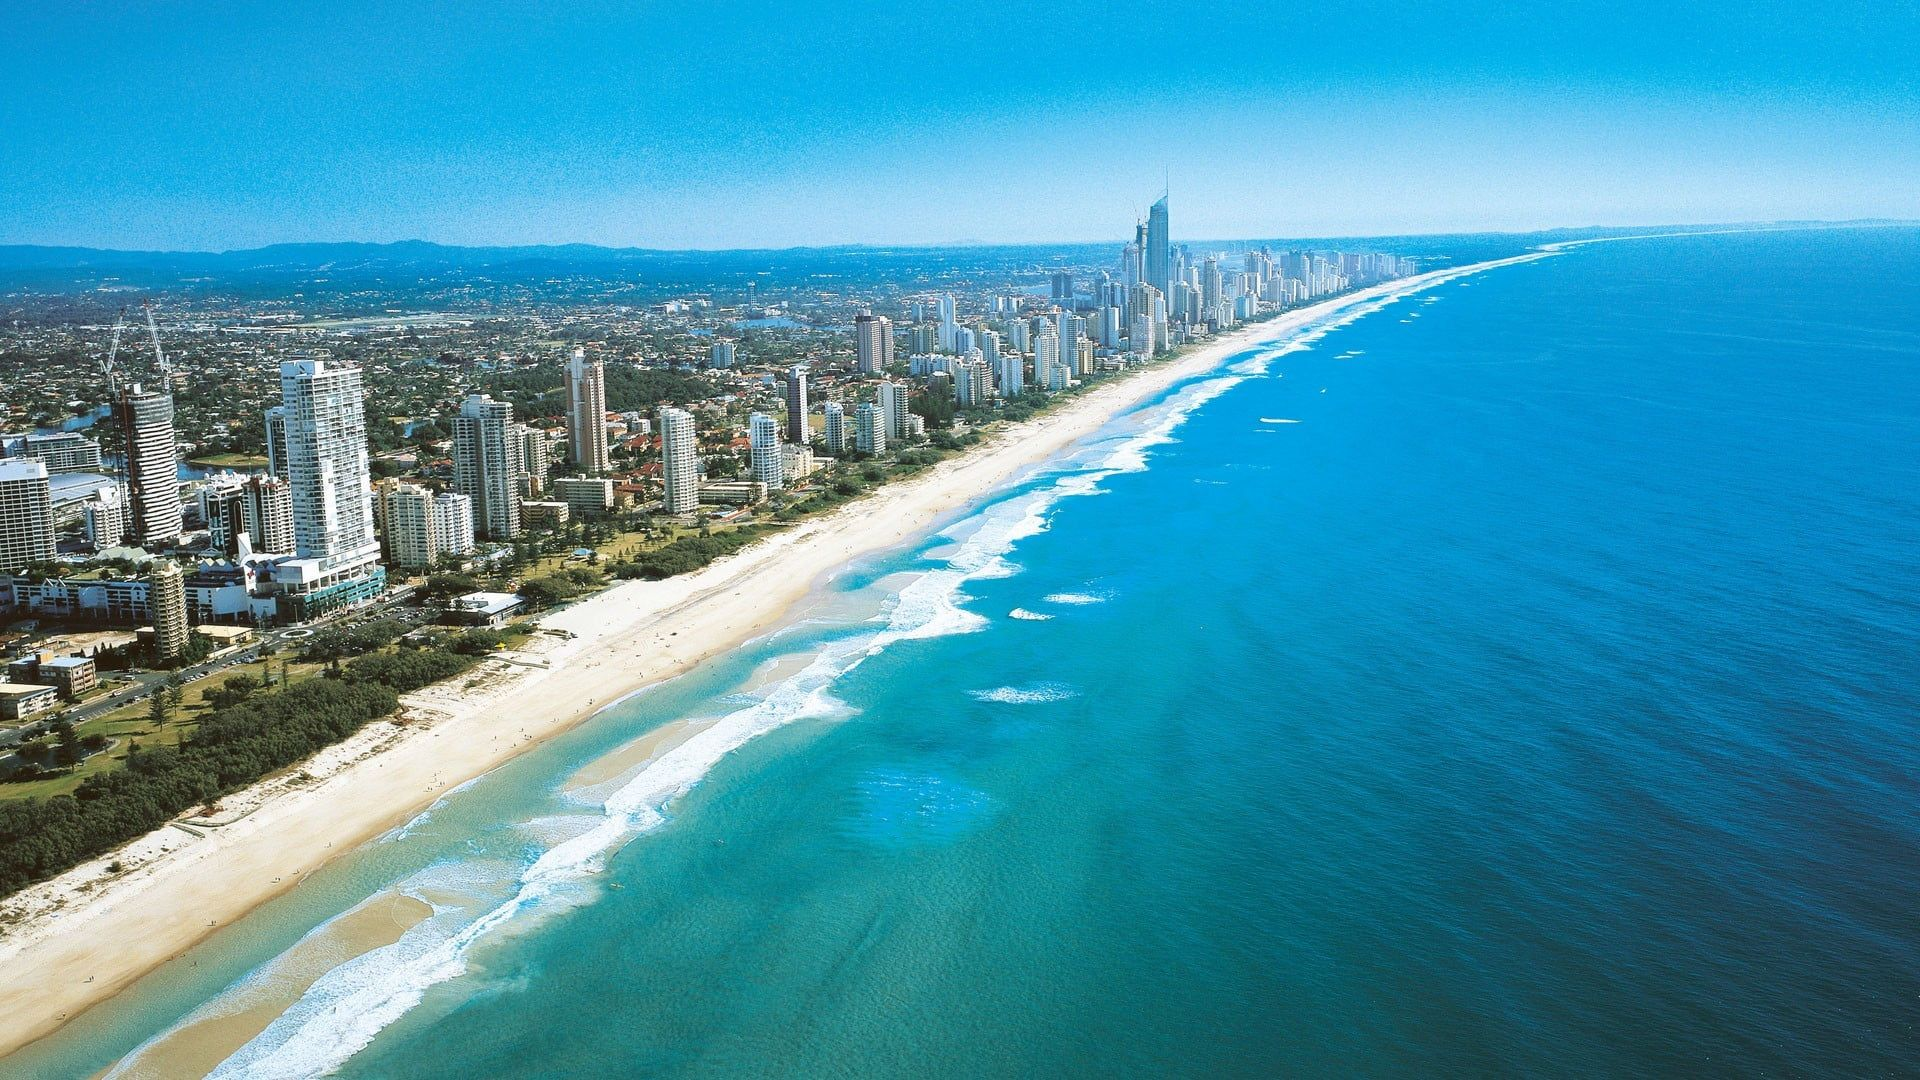 Shore Line And High Rise Buildings Australia Sea Beach Gold Coast Skyscraper Coast Cityscape 1080p Wallpaper Hdwallpaper Coast Gold Coast Airlie Beach